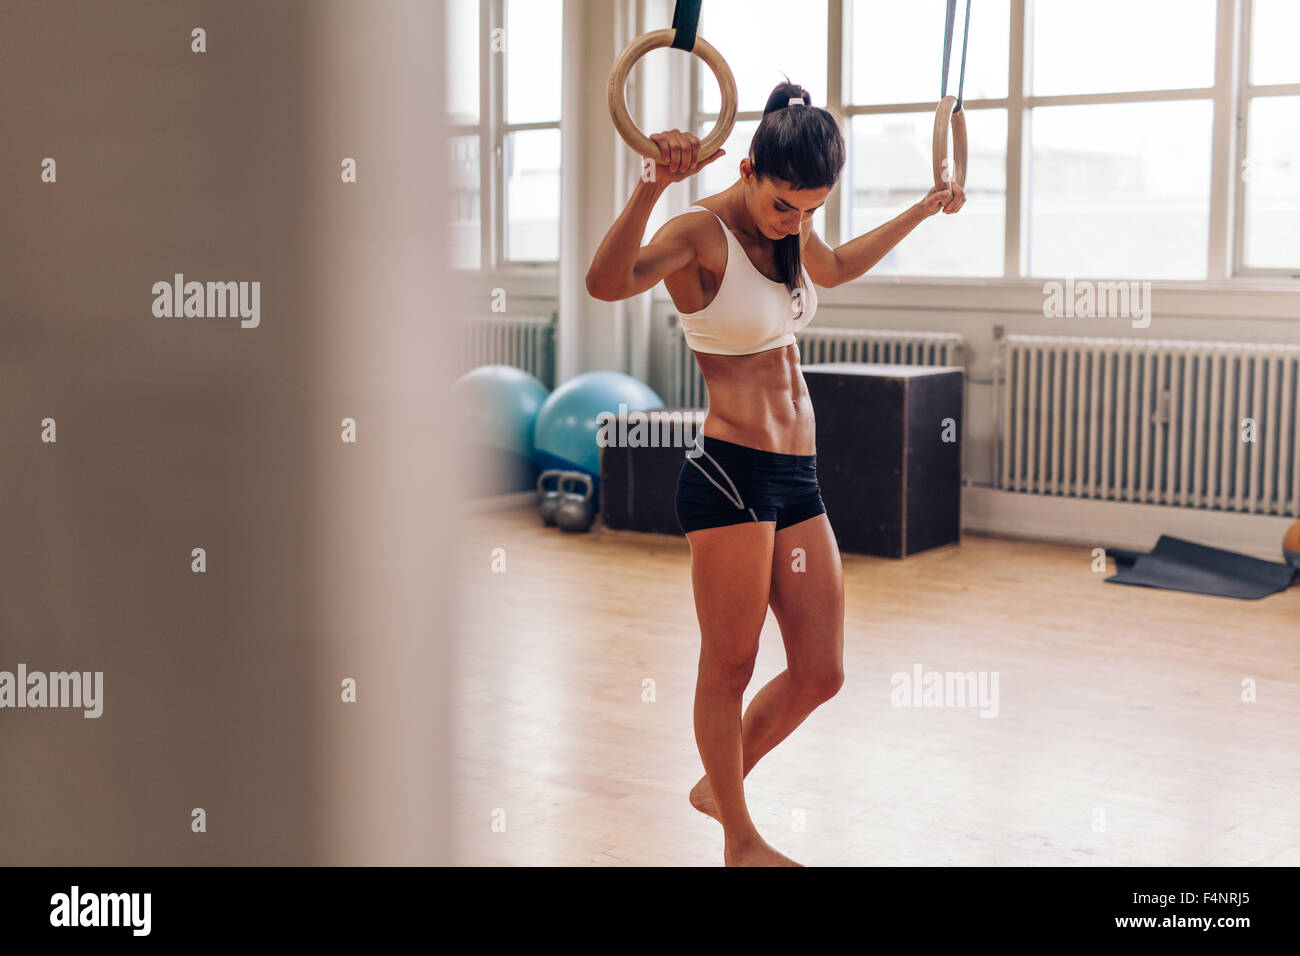 Mujer relajante muscular después de entrenar en el gimnasio. Fitness mujer toma descanso del ejercicio de inmersión. Imagen De Stock